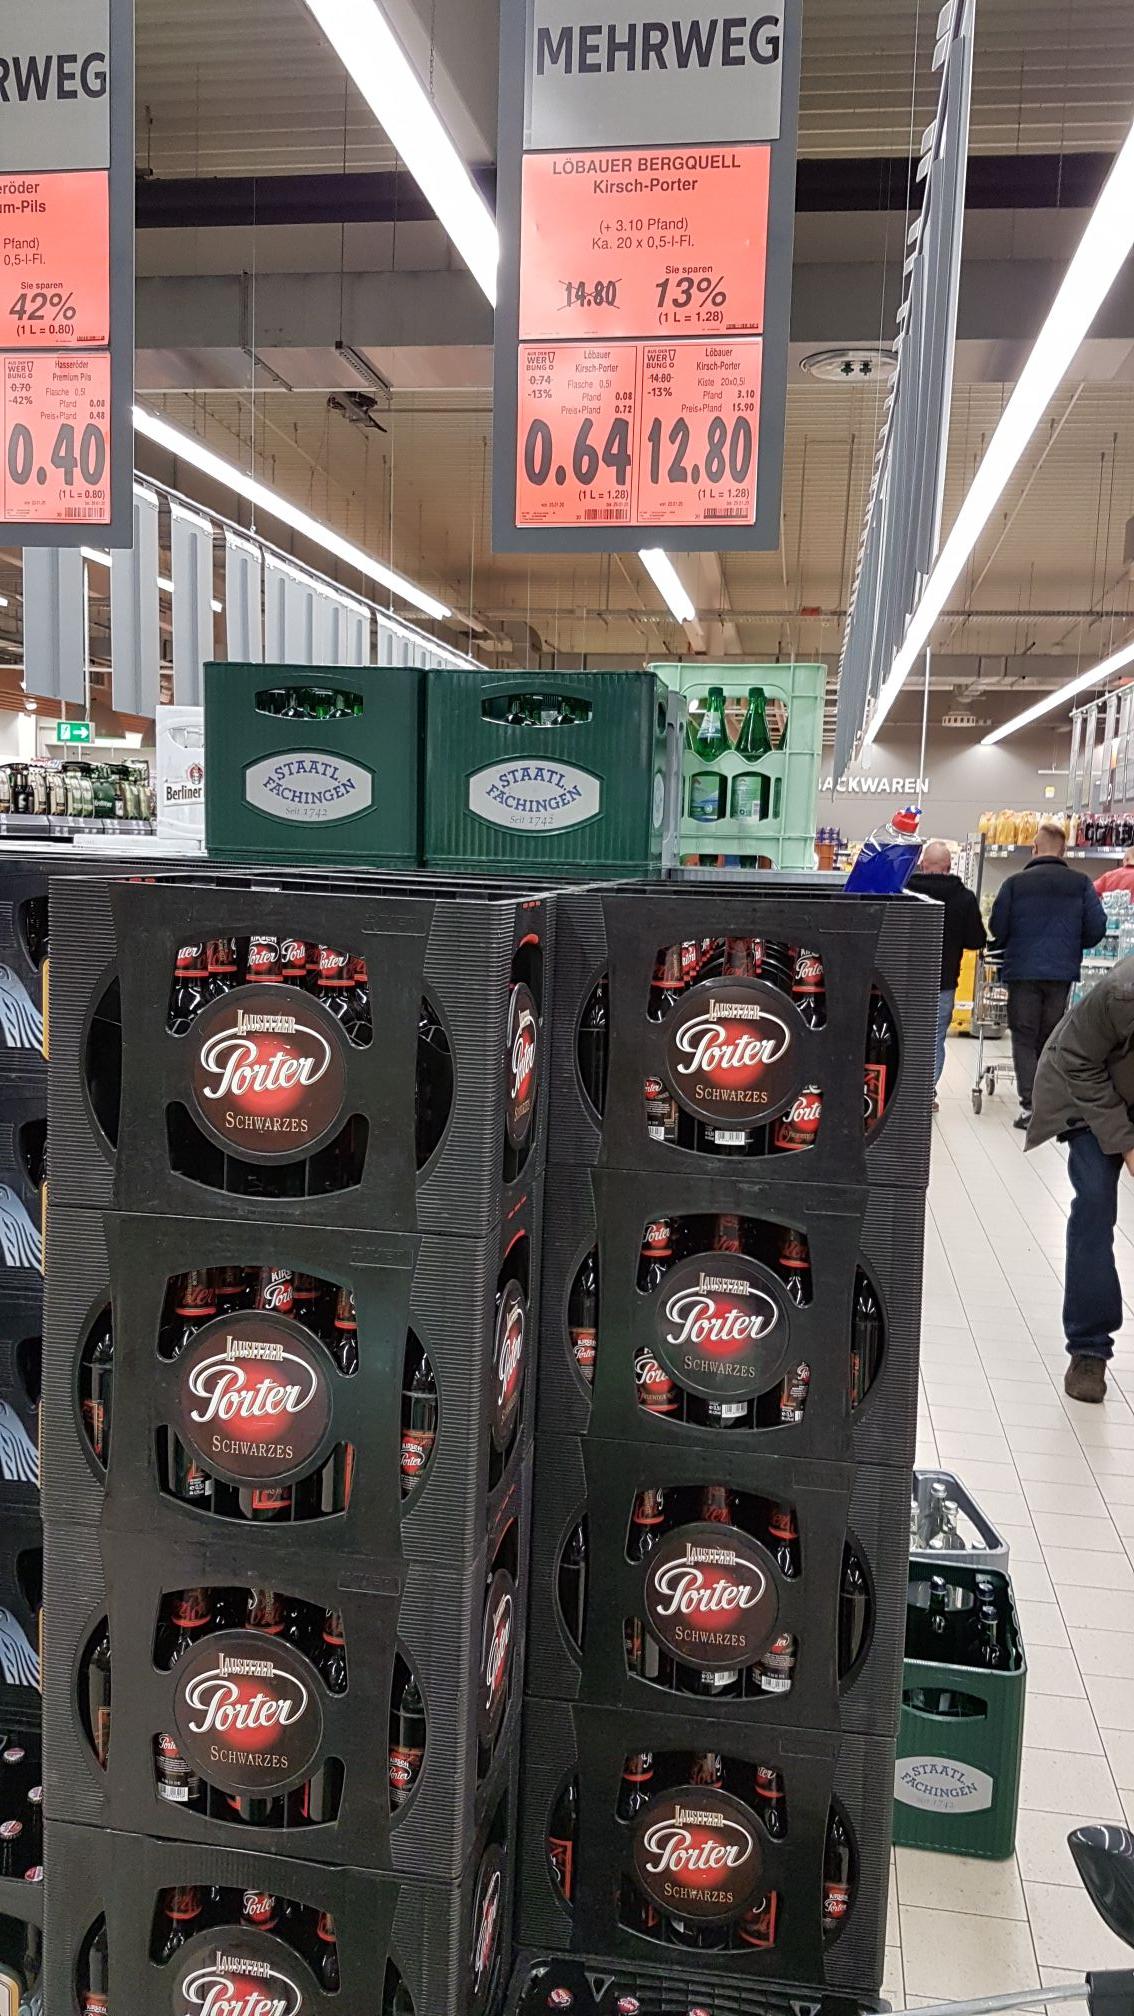 [Lokal Berlin/Brandenburg] Kaufland, Bier, Lausitzer Porter Kirsch